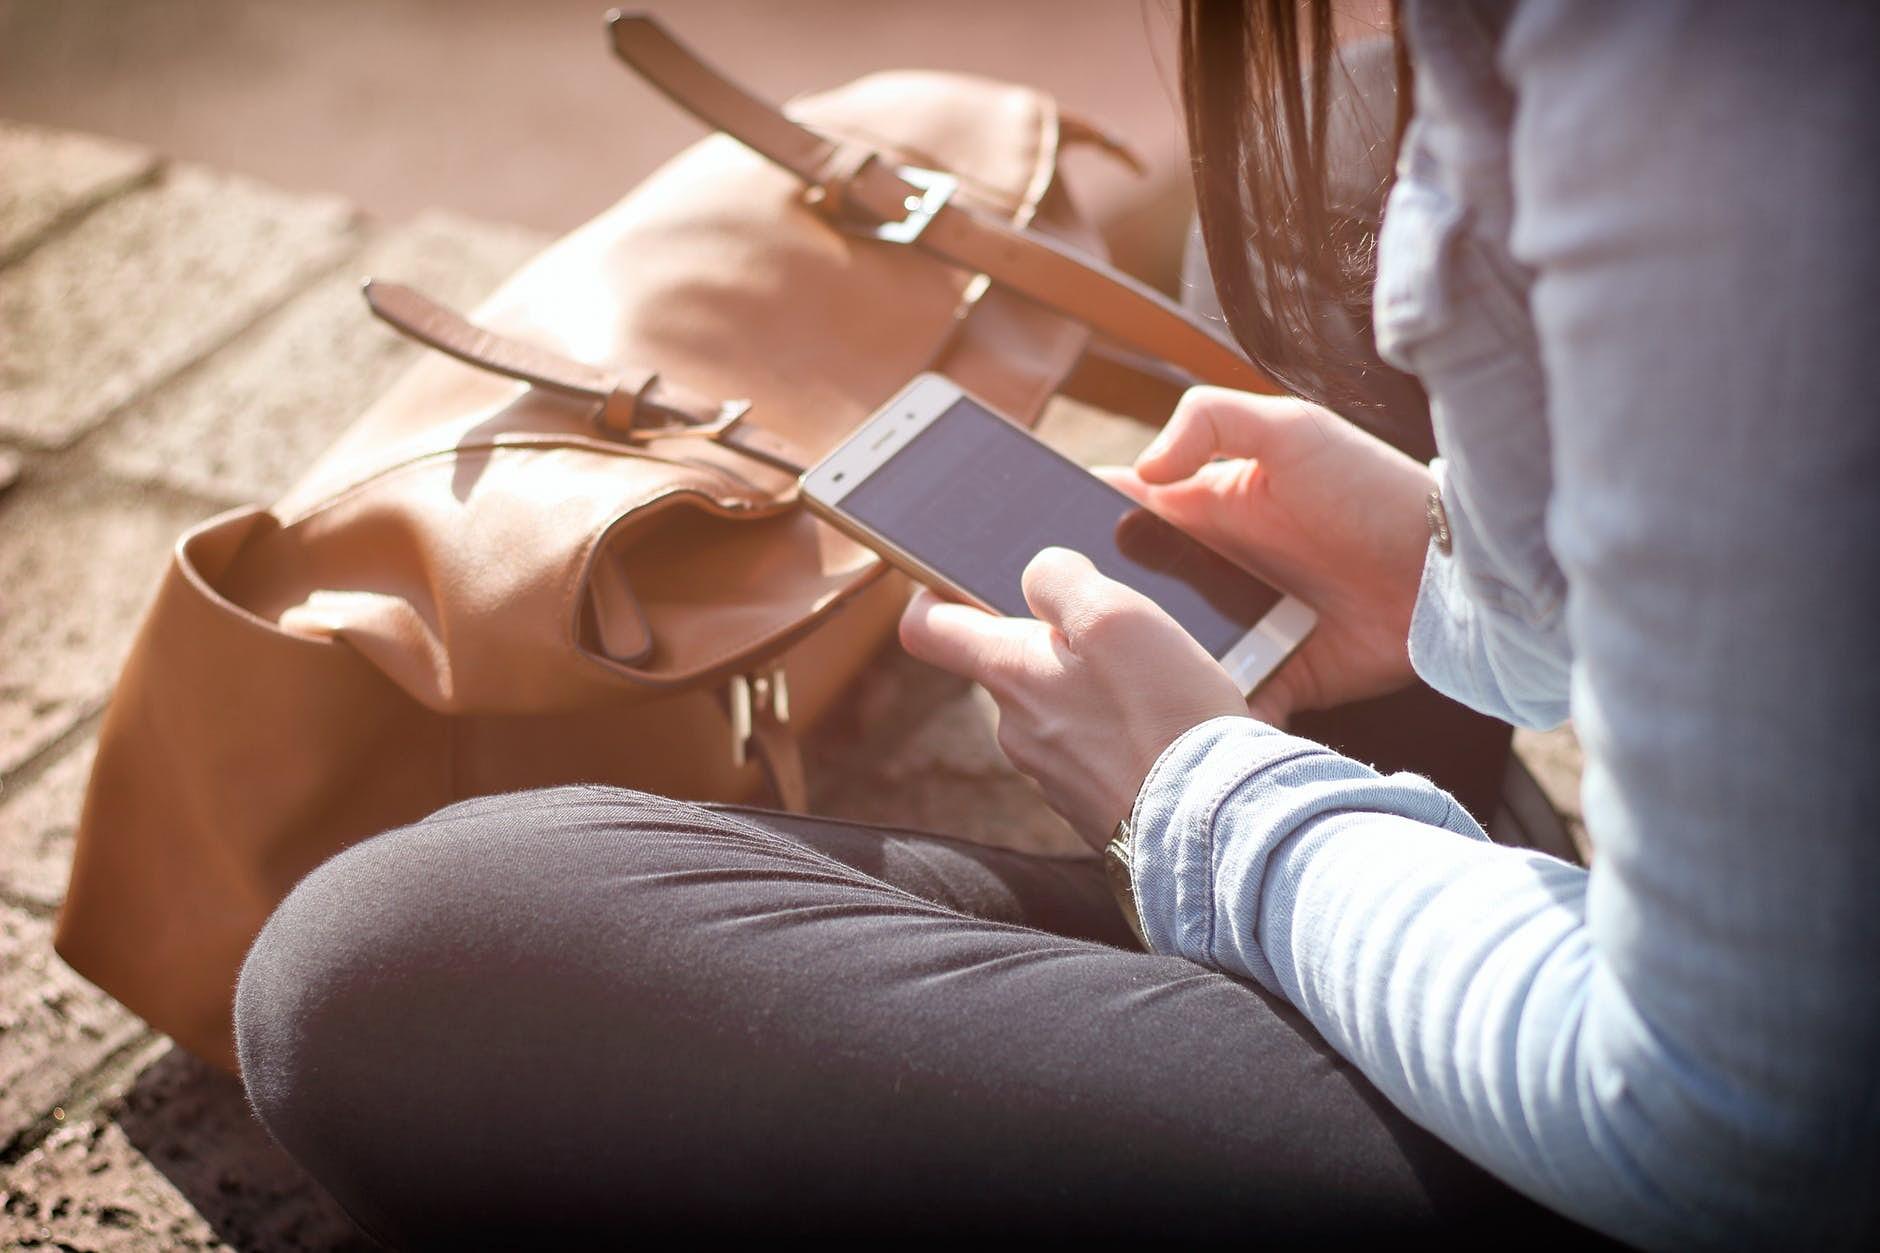 Nočiepj telefonus un automašīnas numurzīmi